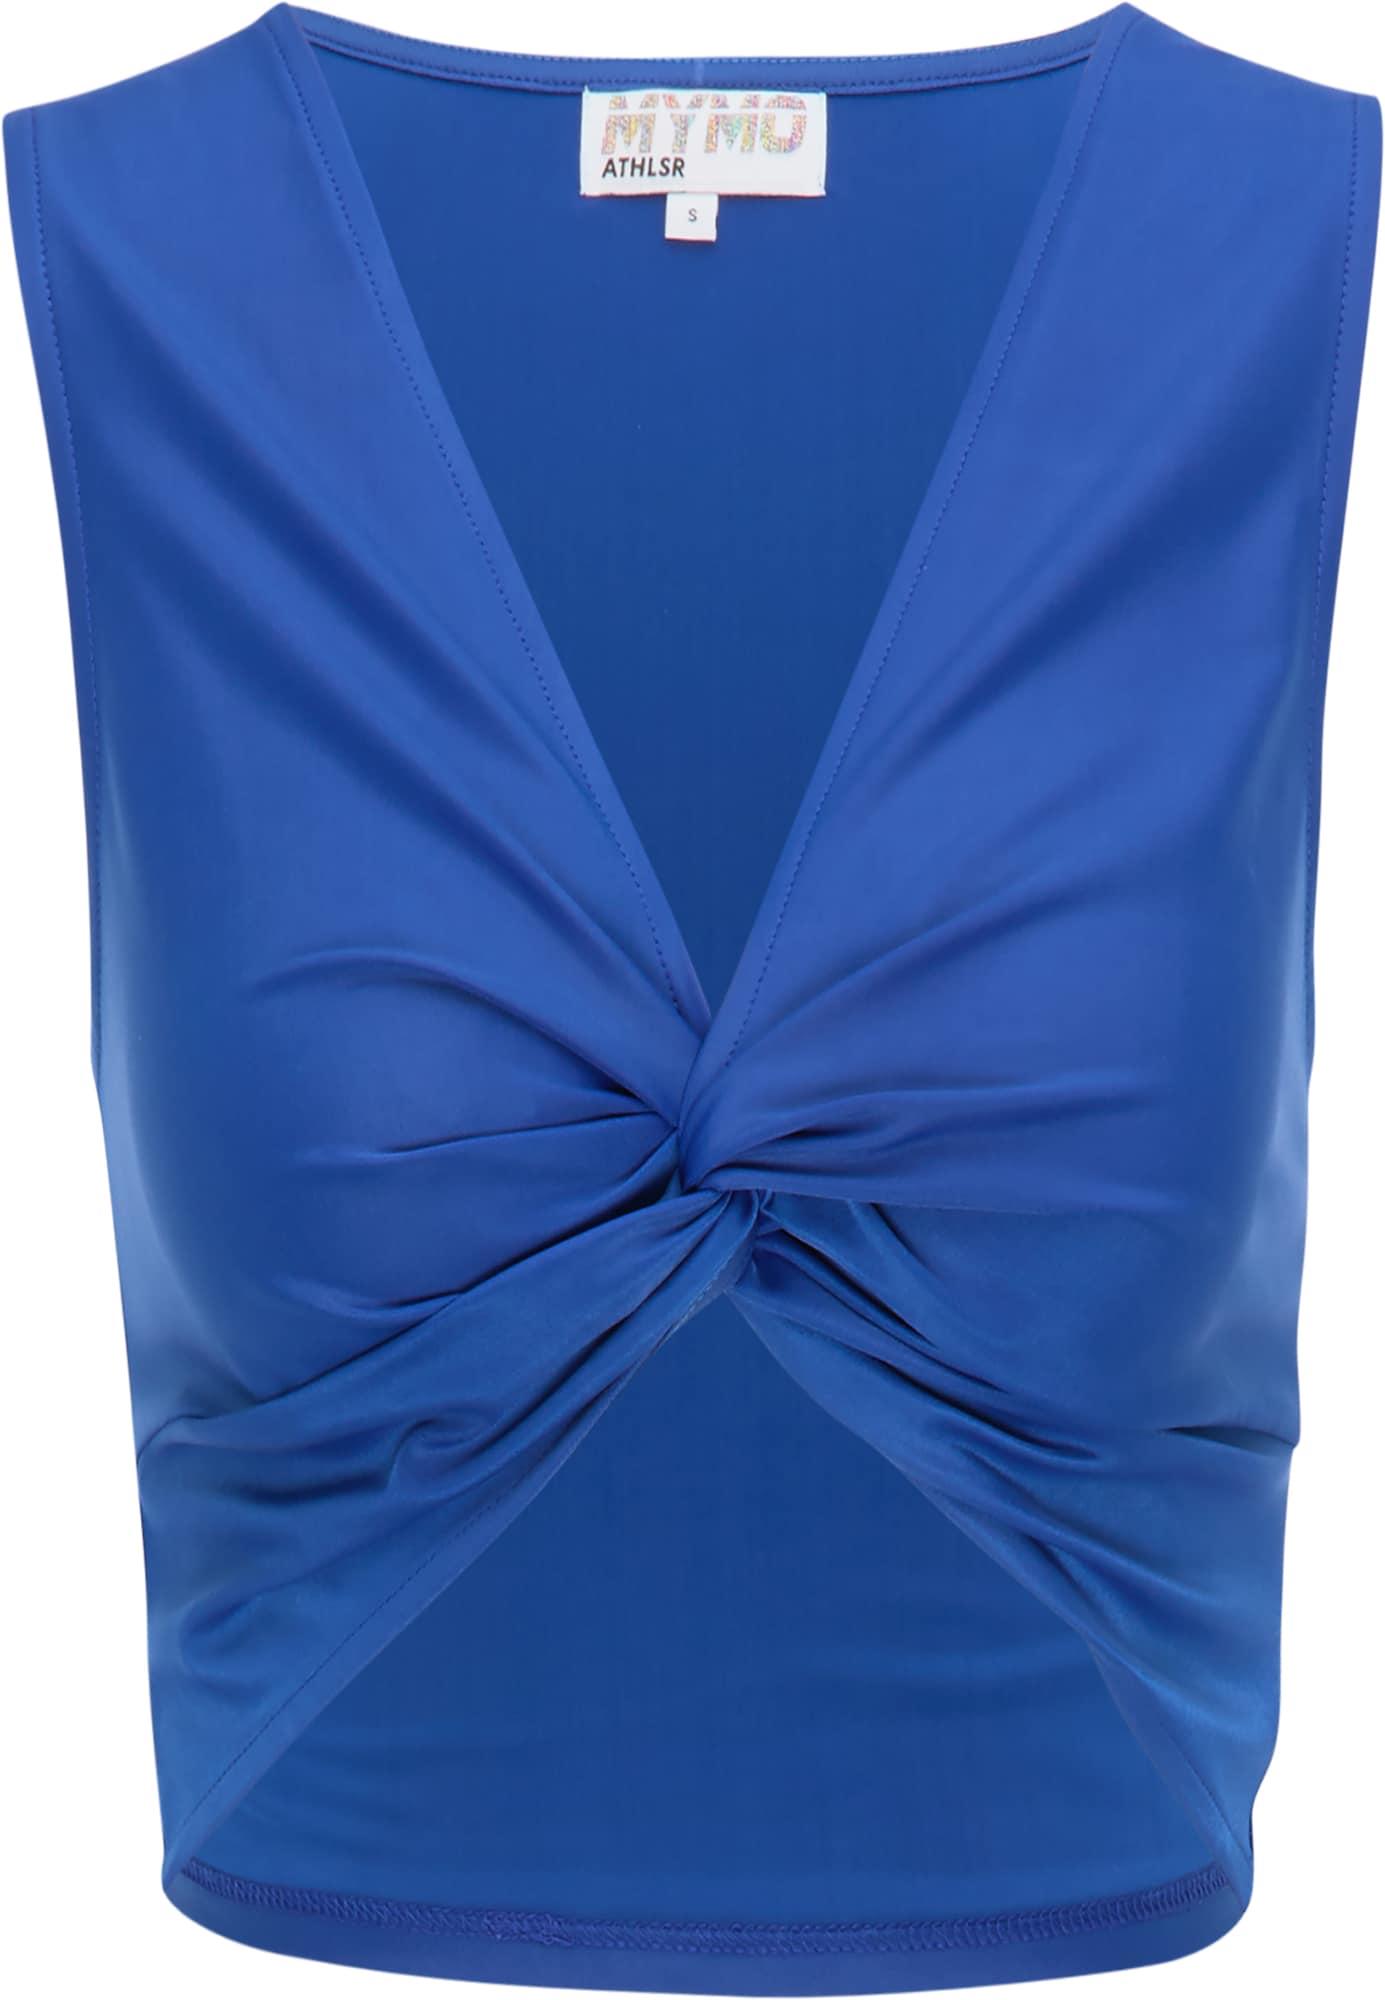 """myMo ATHLSR Sportiniai marškinėliai be rankovių sodri mėlyna (""""karališka"""")"""